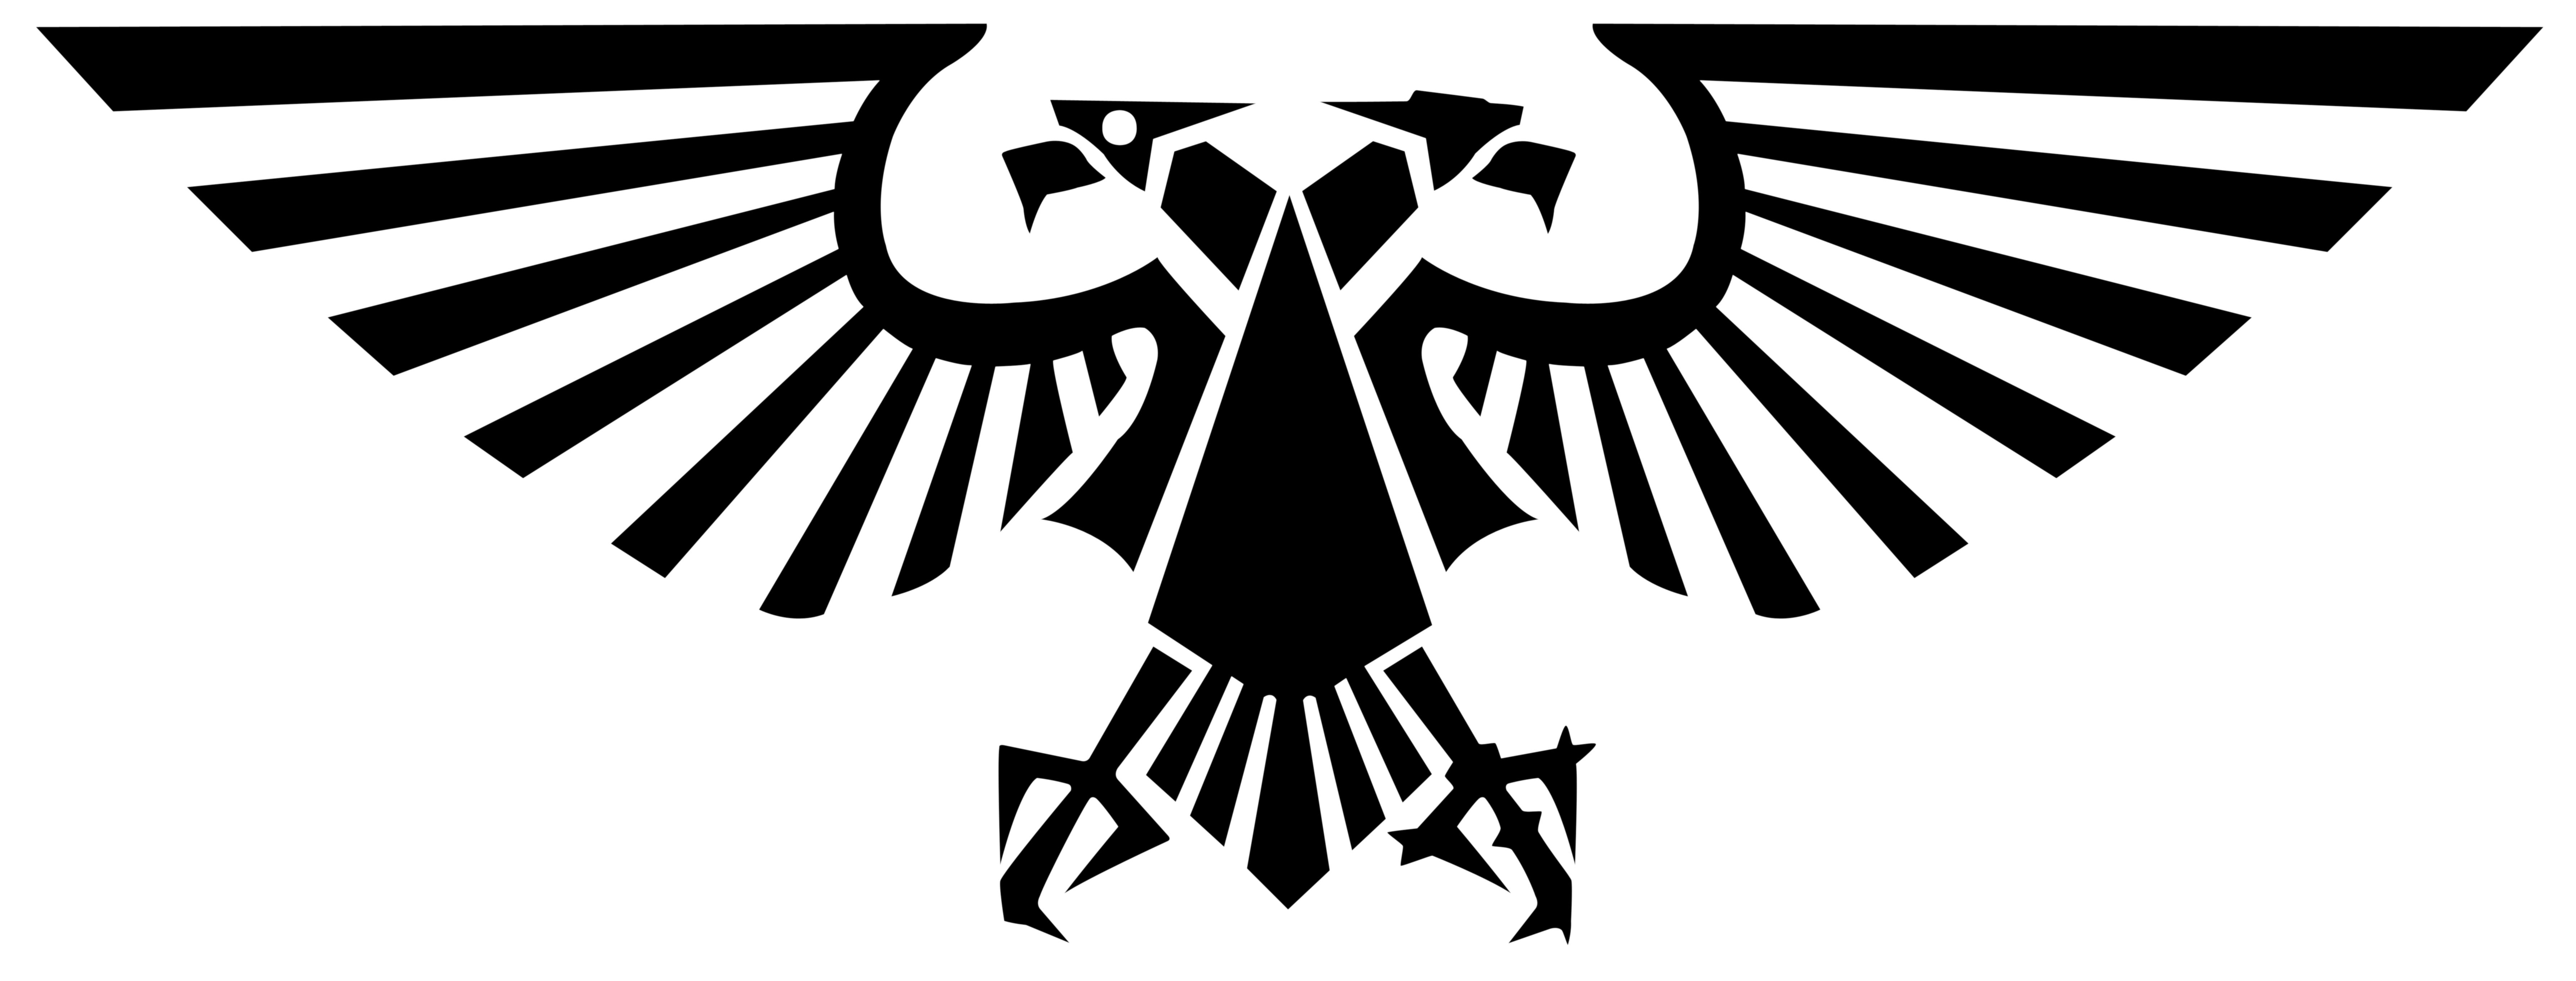 Adler Logo Wallpaper